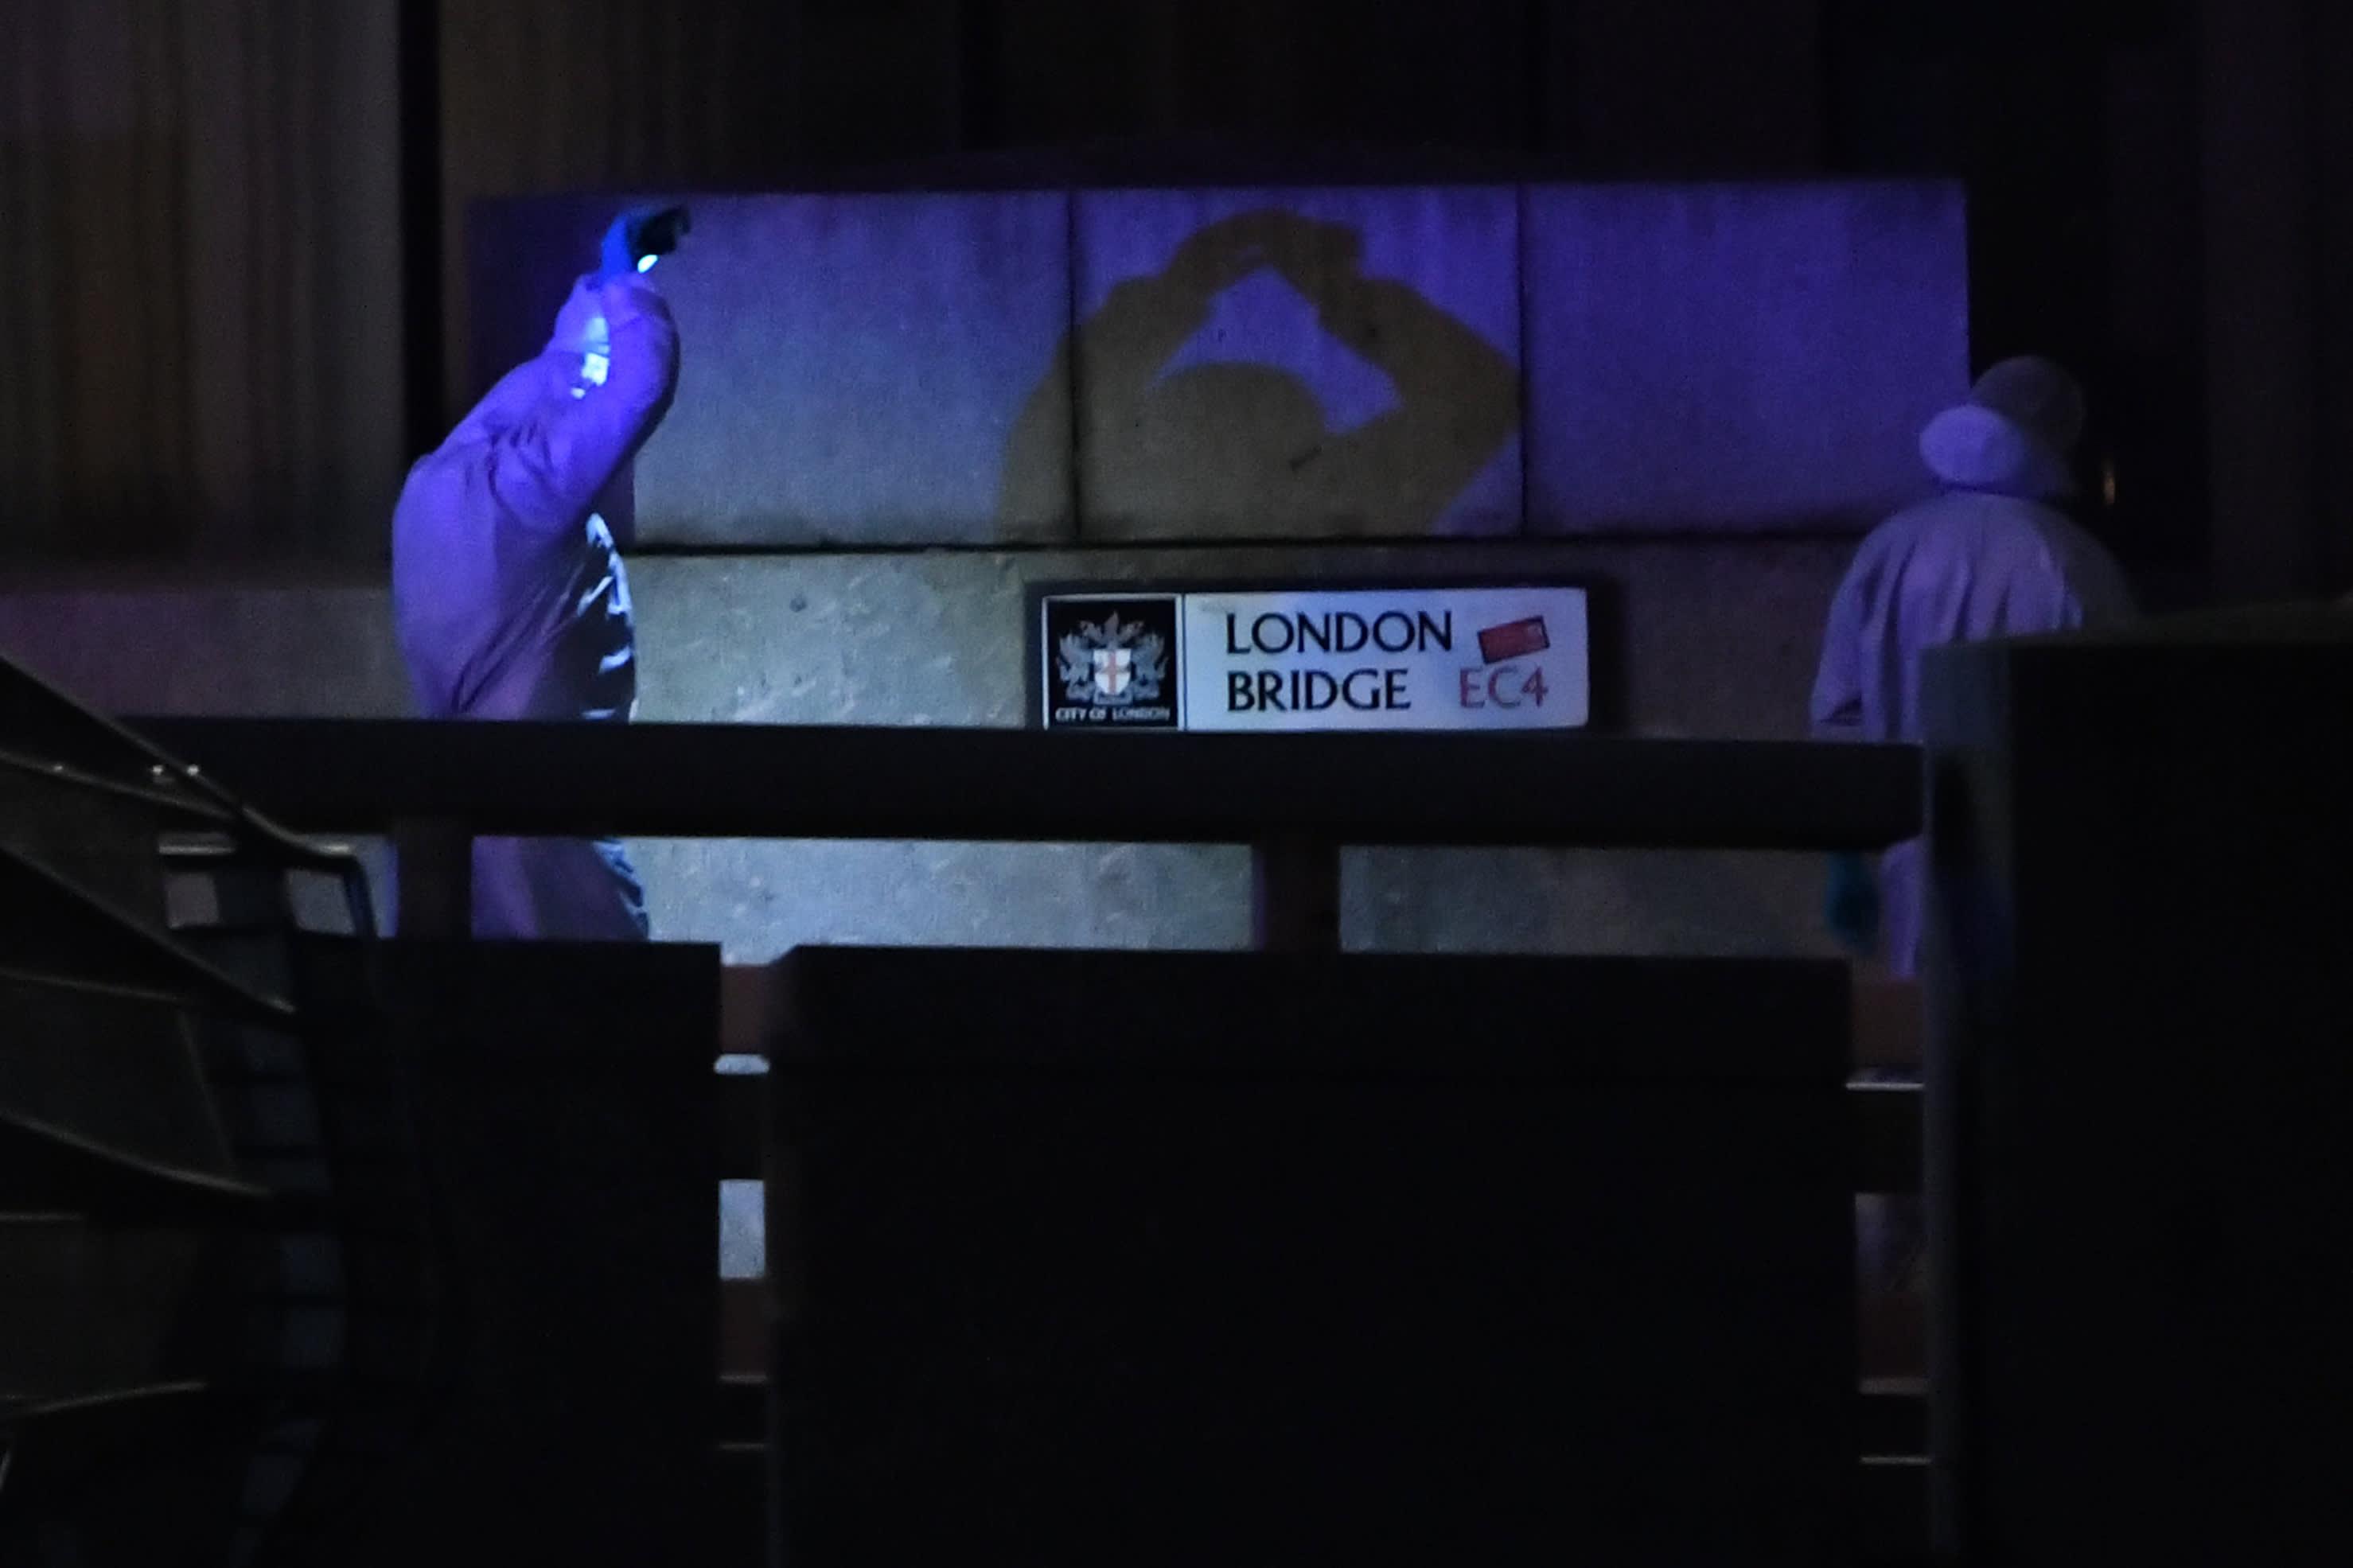 London Bridge attacker had previous conviction for terrorism offenses